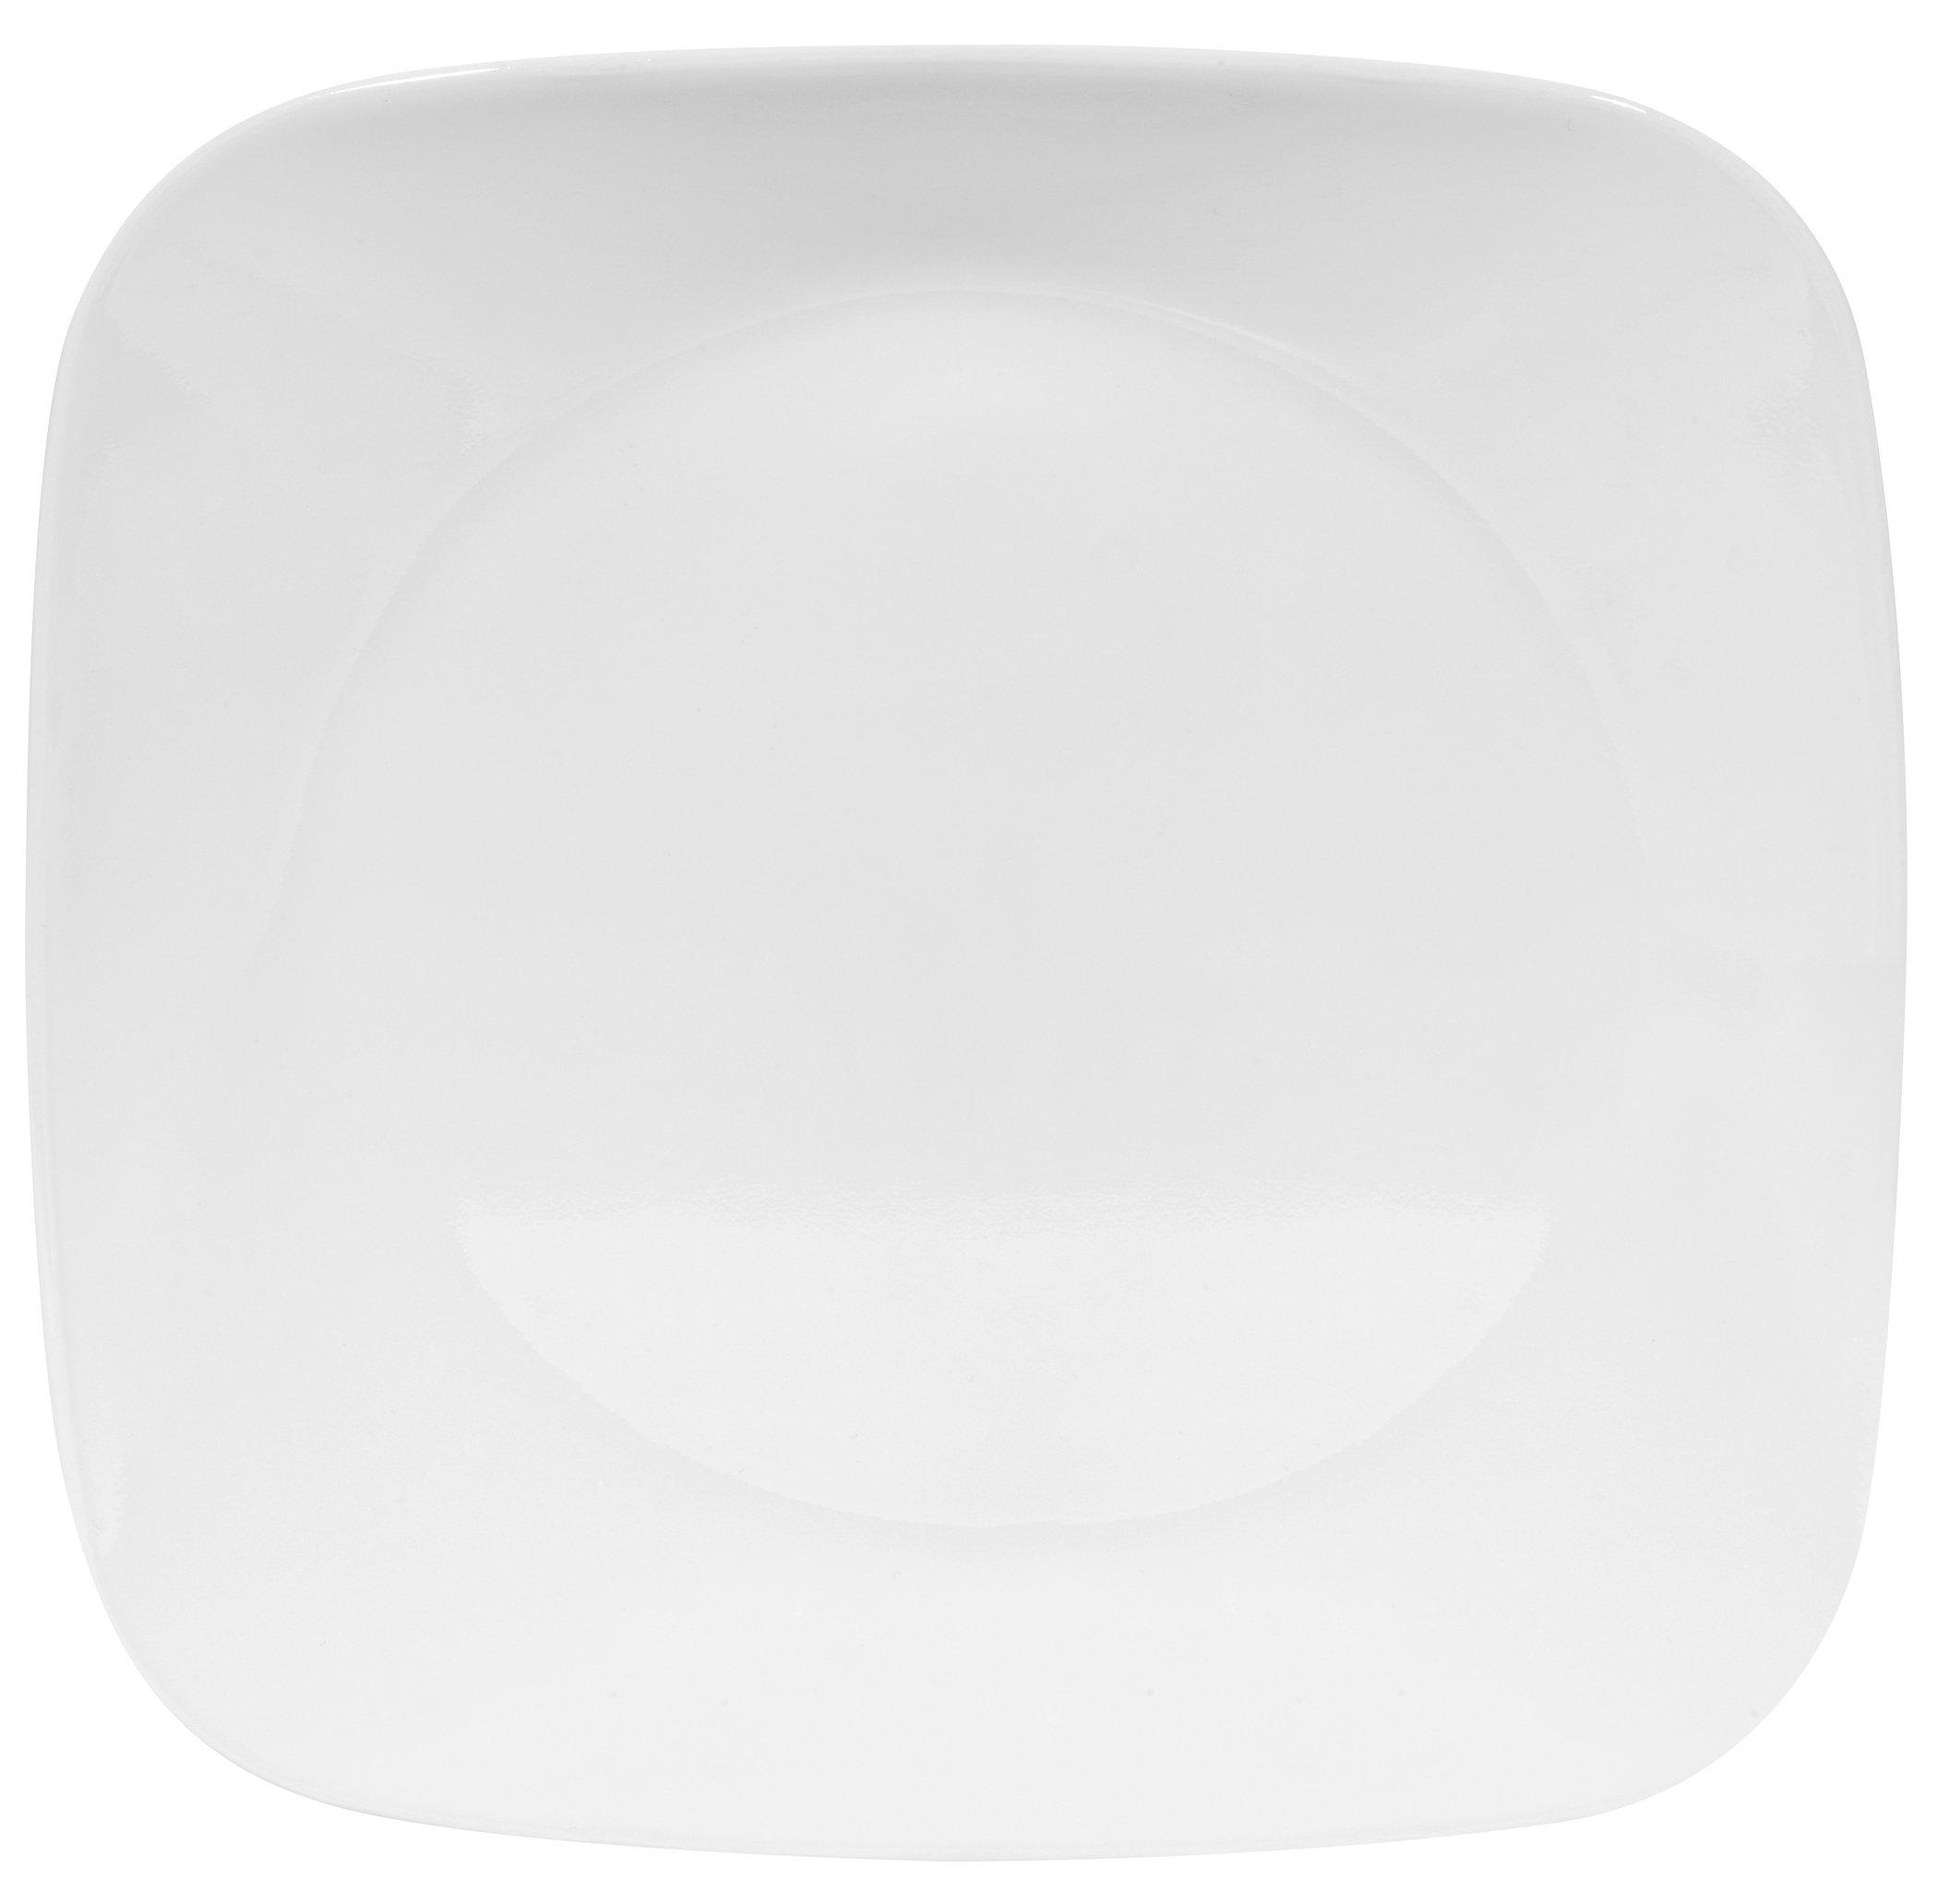 Corelle Square 8-3/4-Inch Luncheon Plate, Pure White